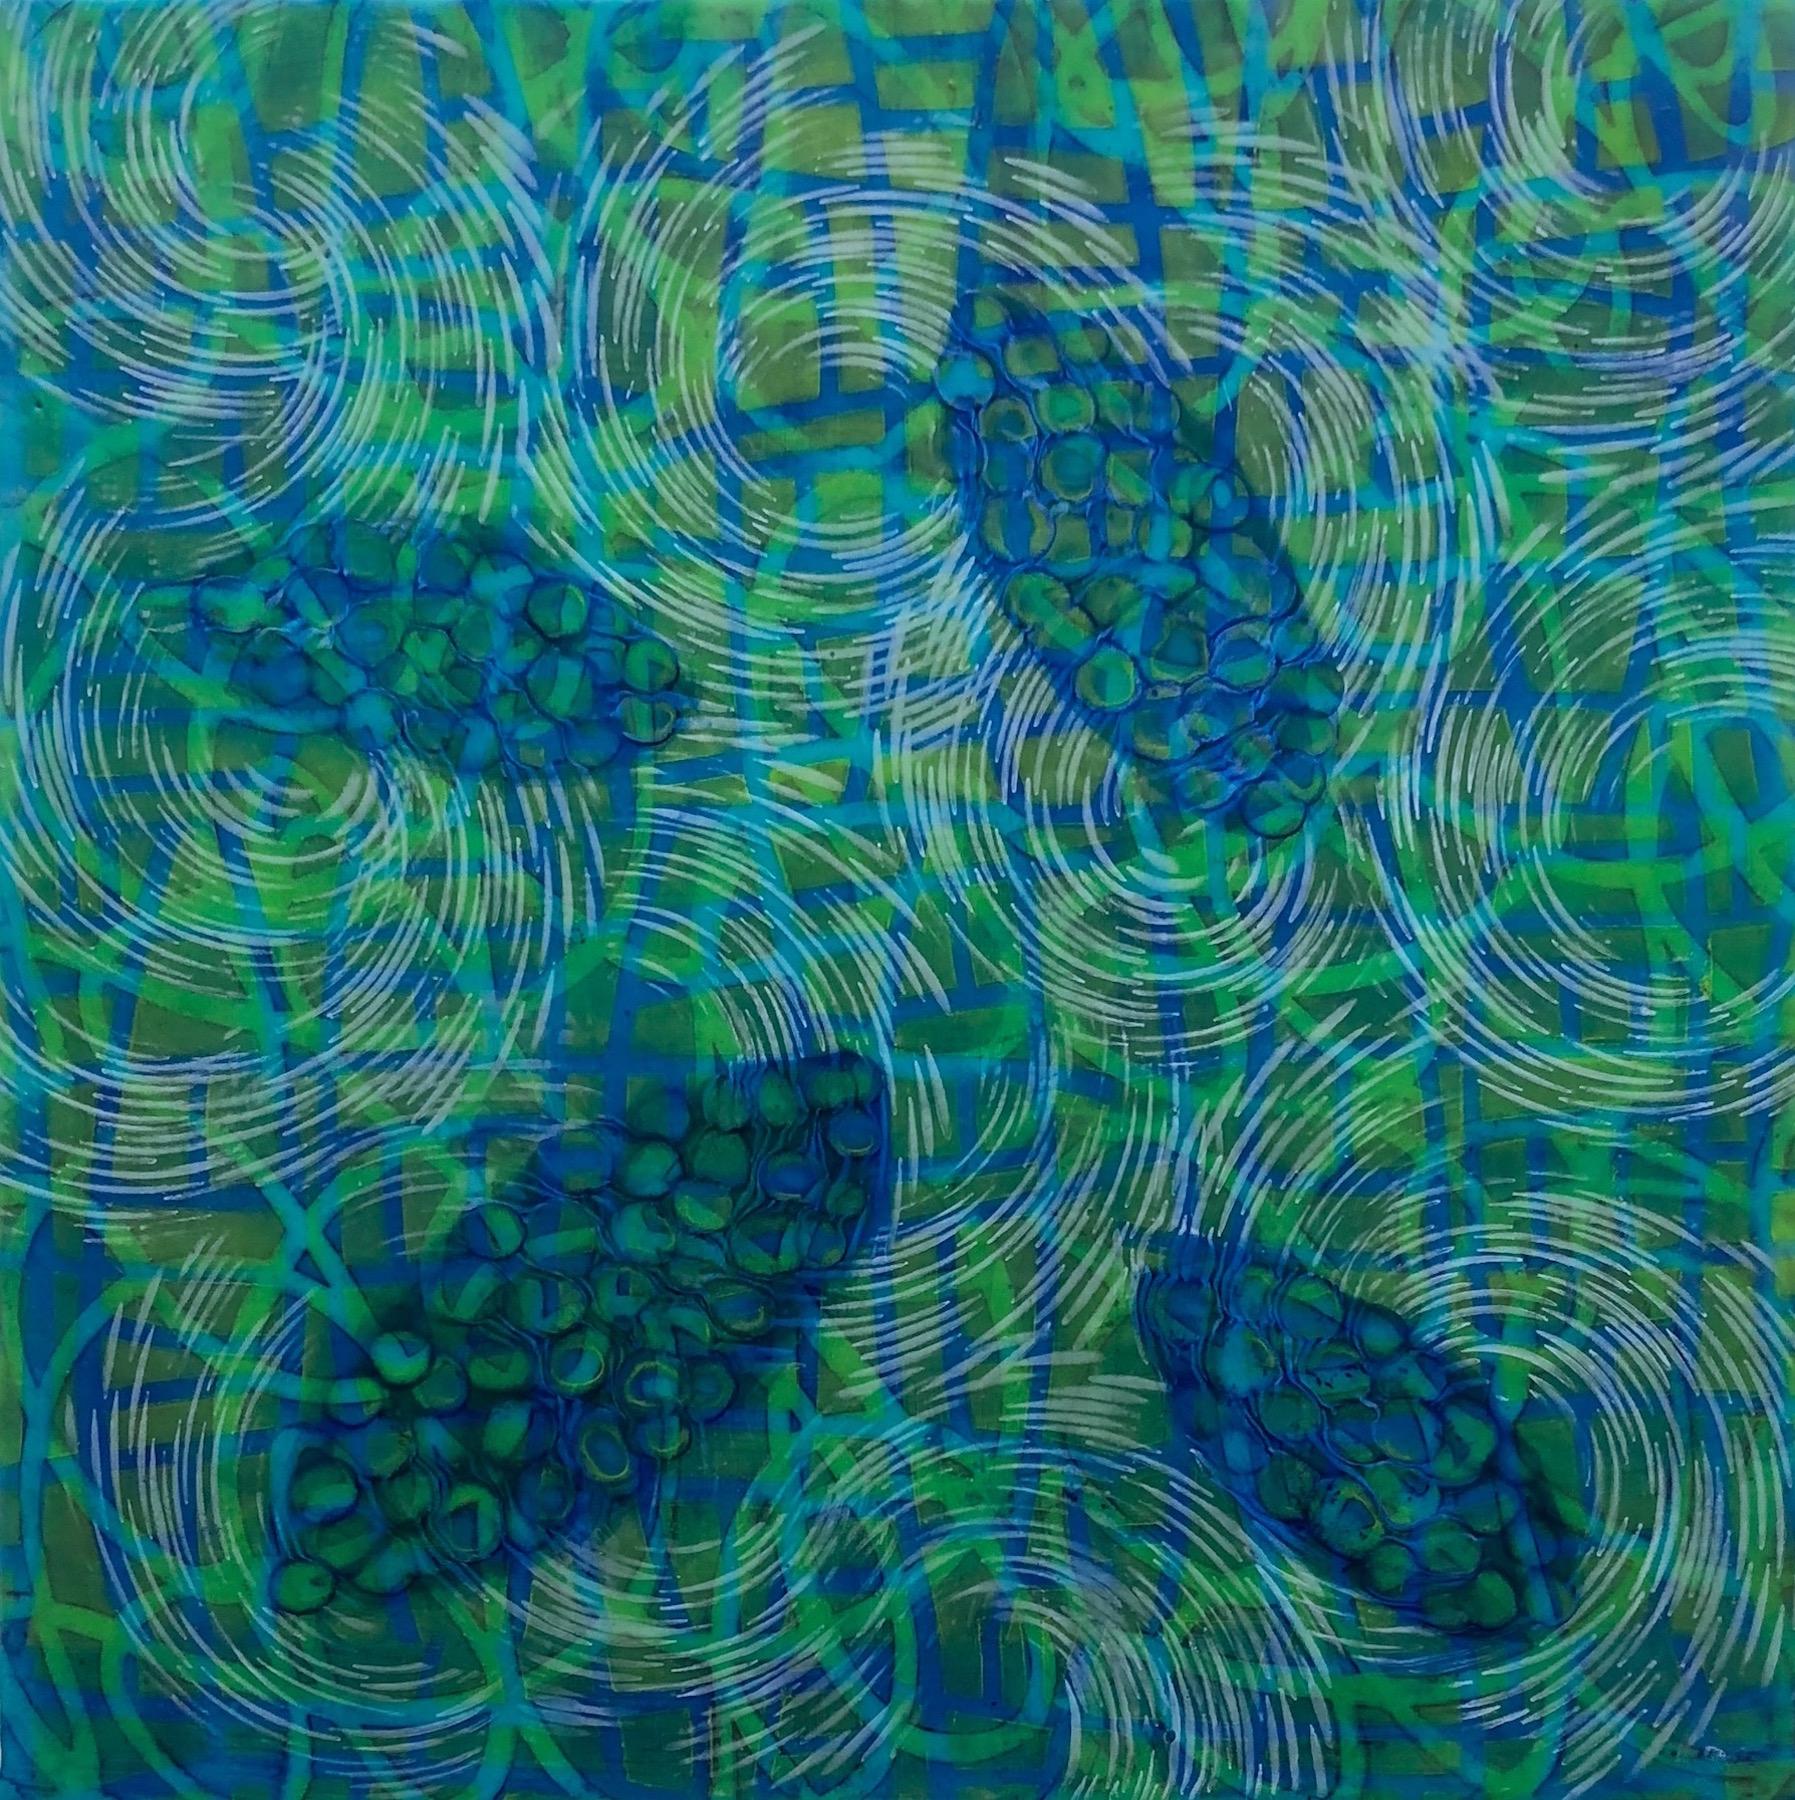 Hartung,  Bio Patterns 13 , Encaustic, pastel, 18x18